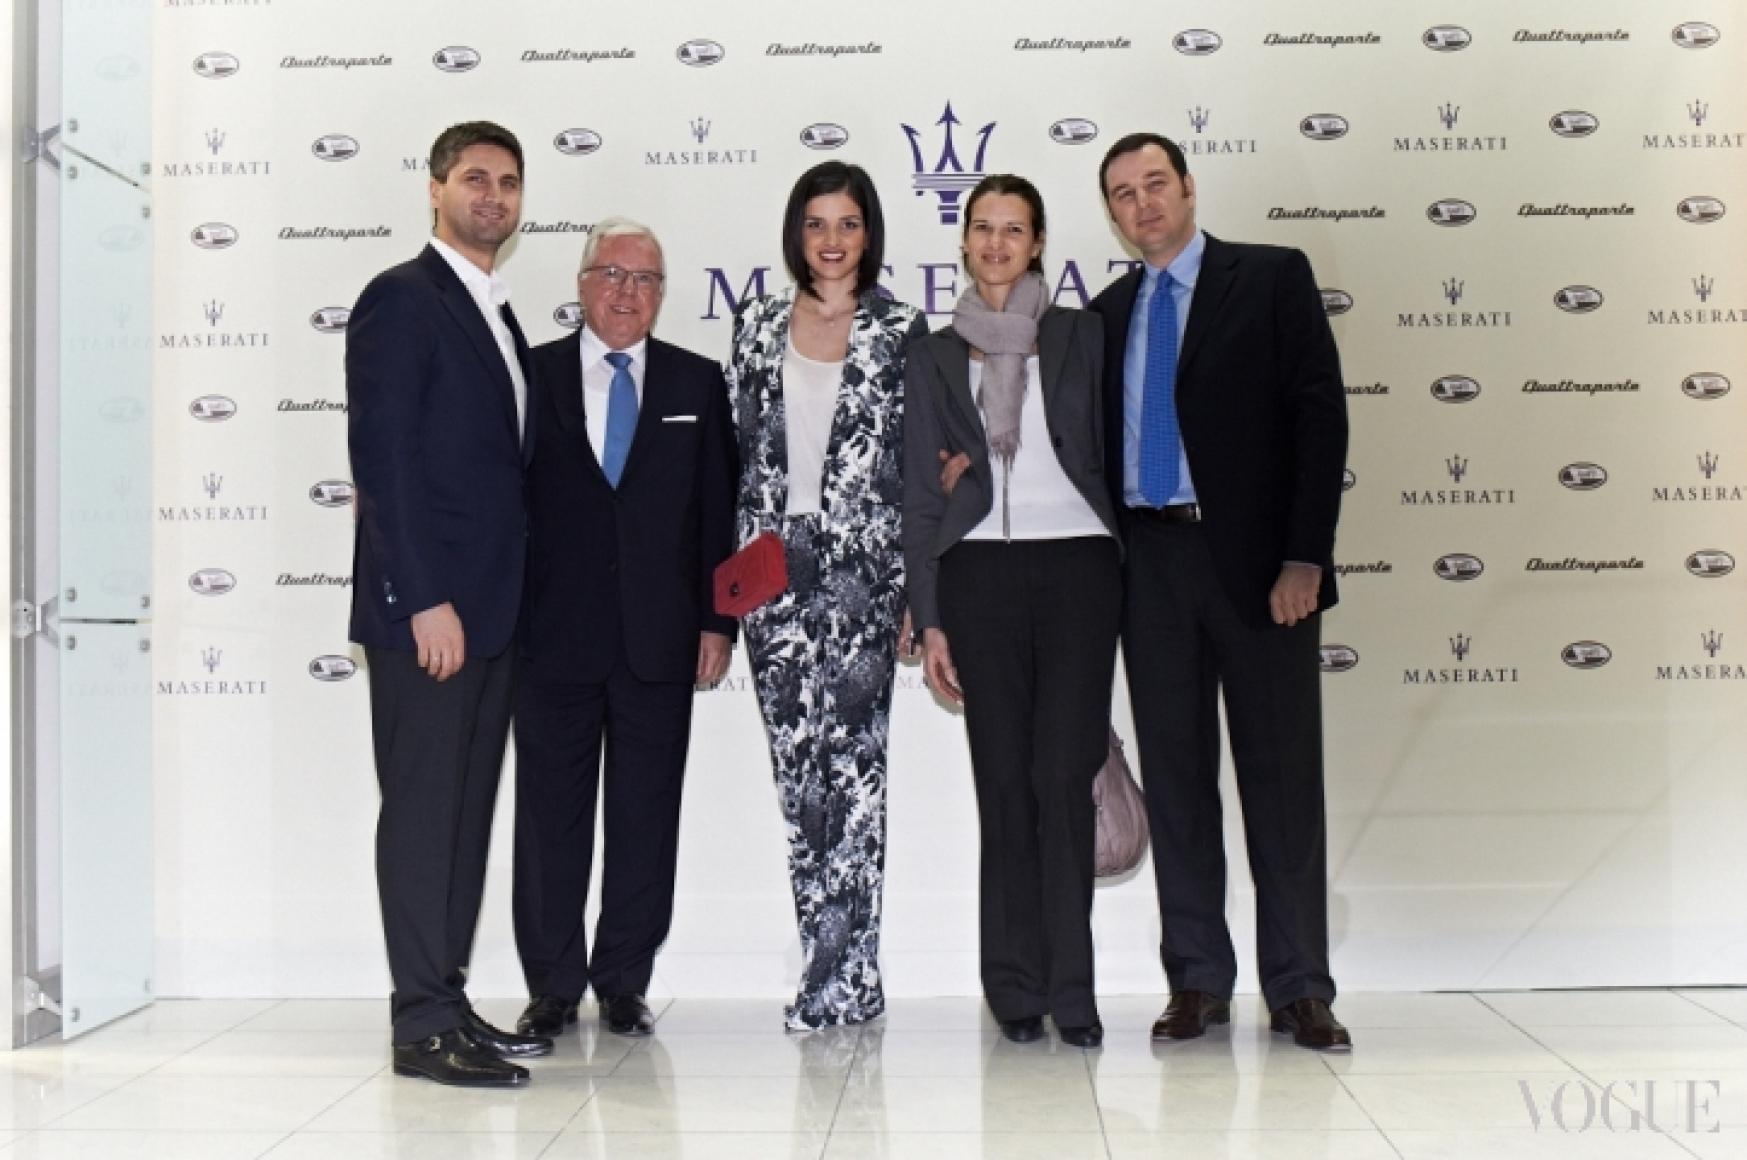 Вахтанг Васадзе, Хериберт Мюллер, Тико Габричидзе и Луиджи Мария Сепе со спутницей